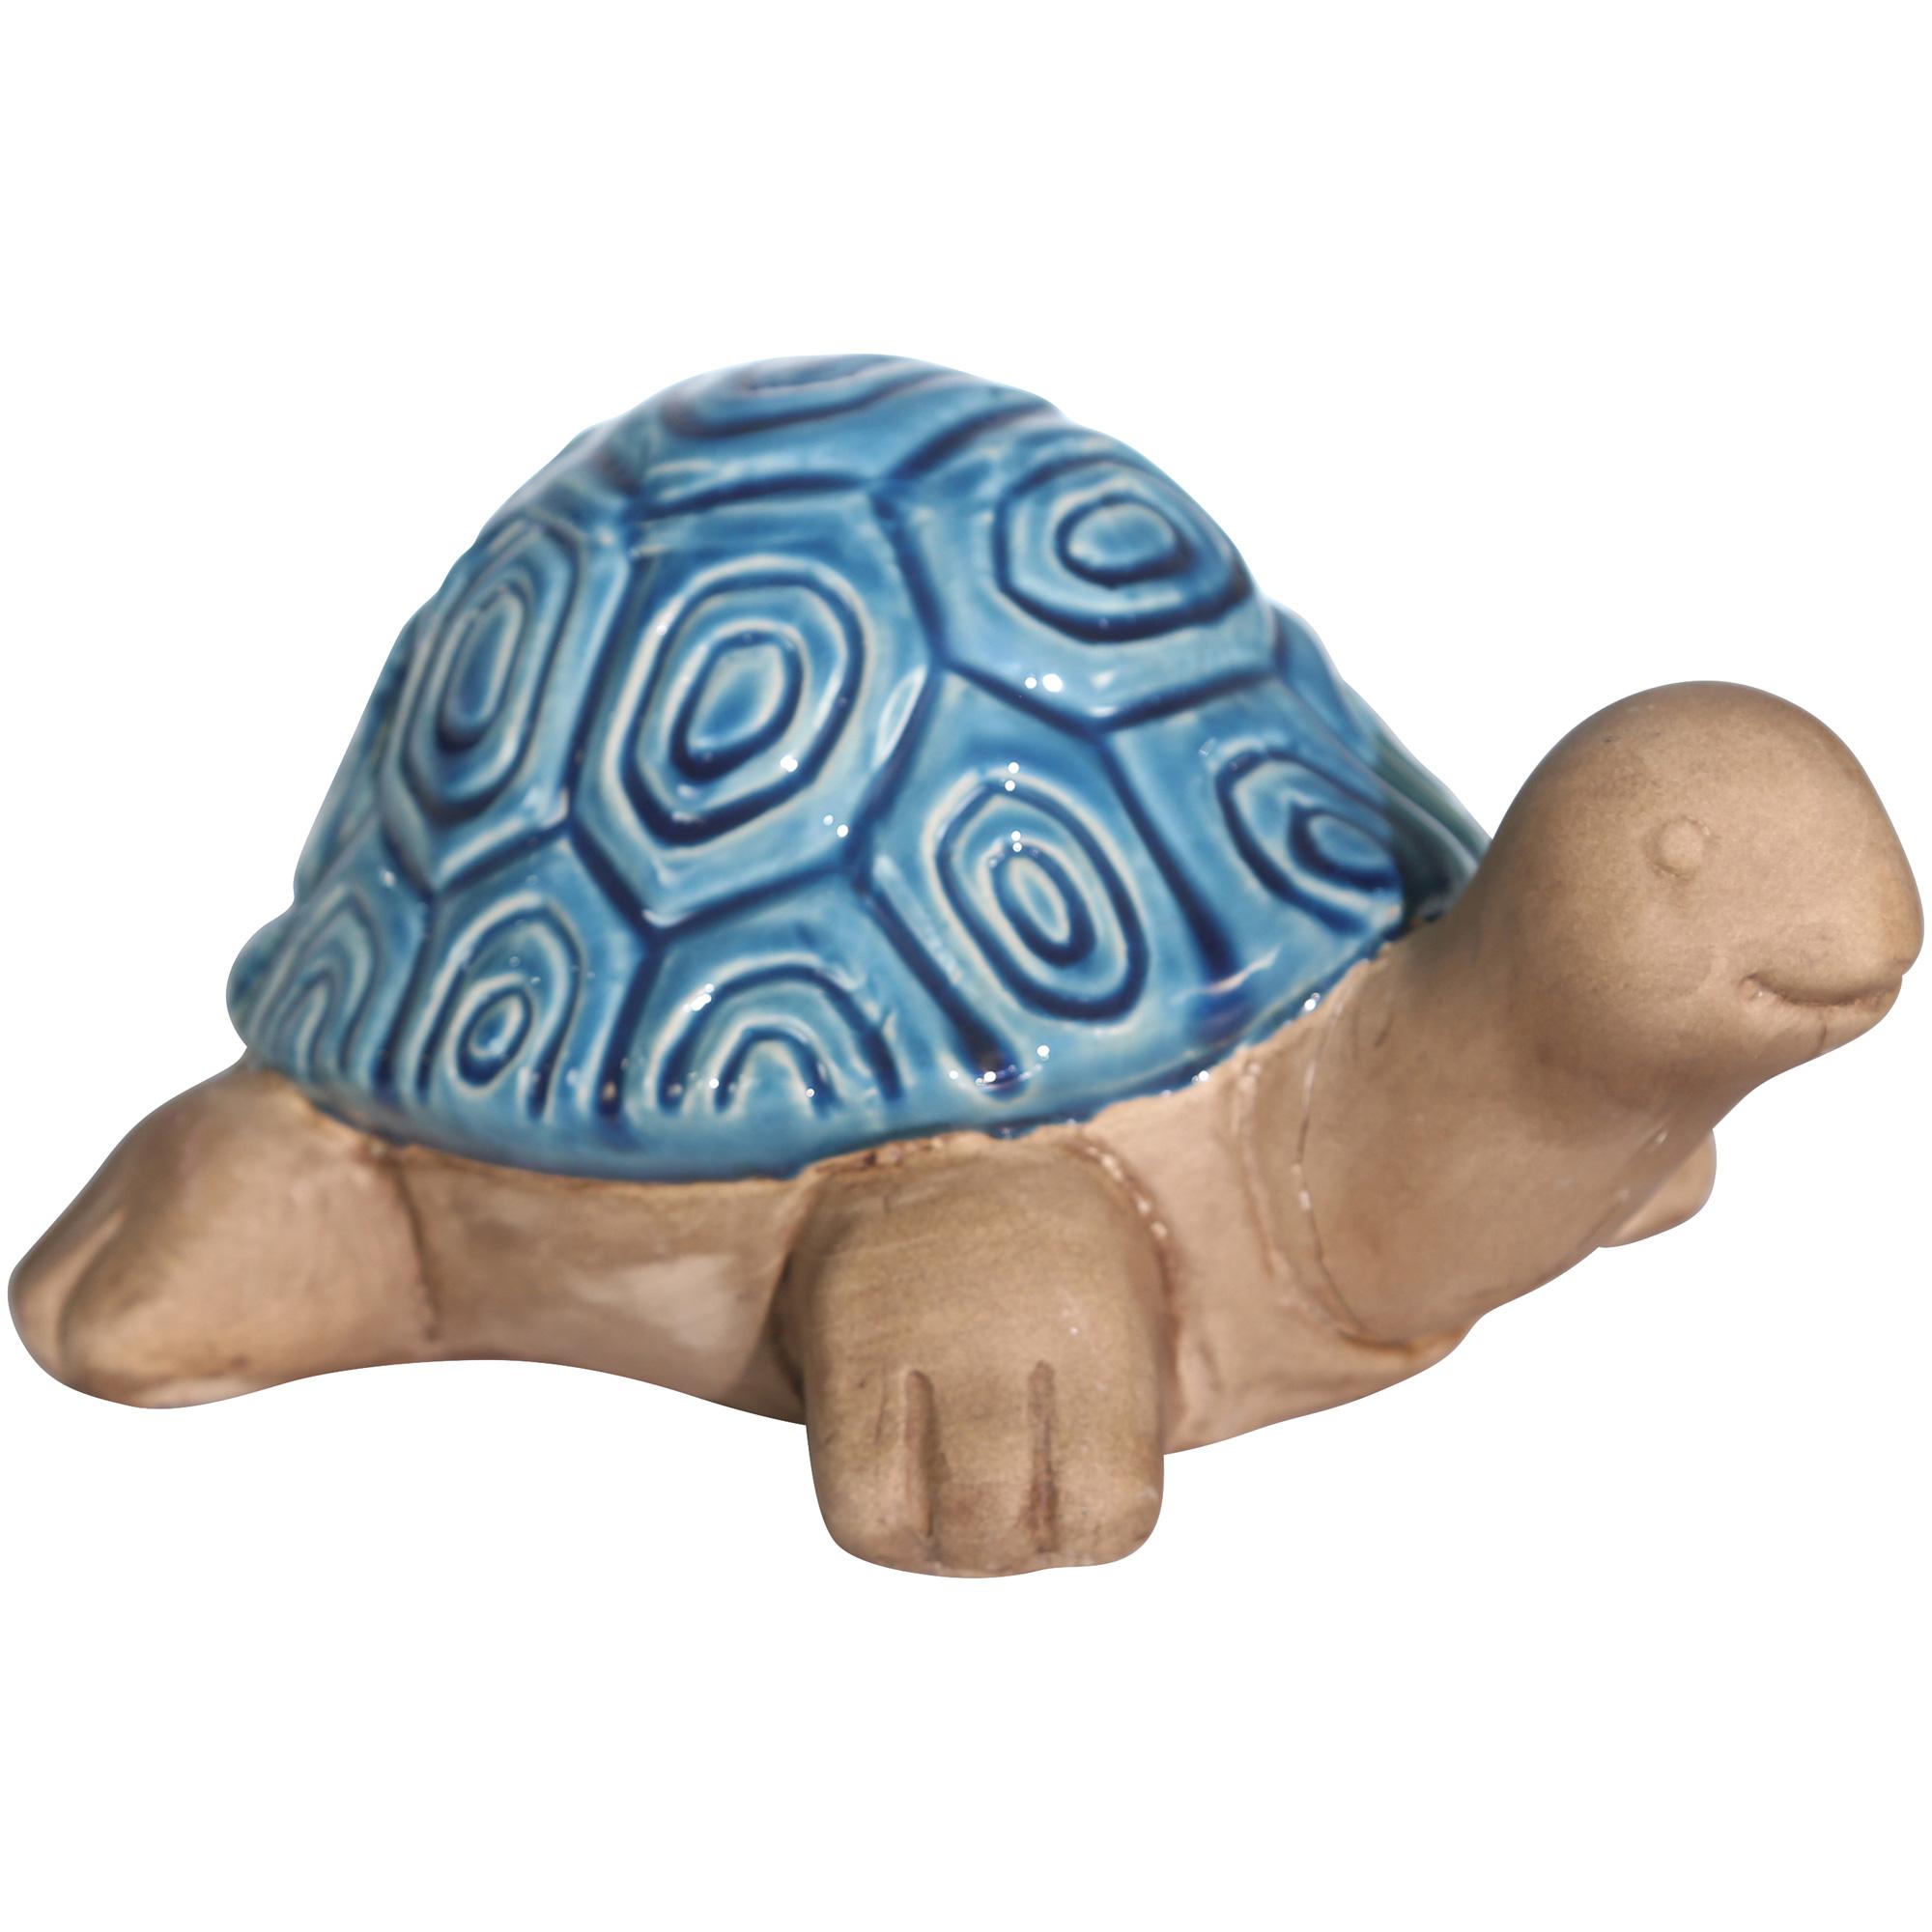 Sagebrook | Collected Culture Turquoise Ceramic Tortoise